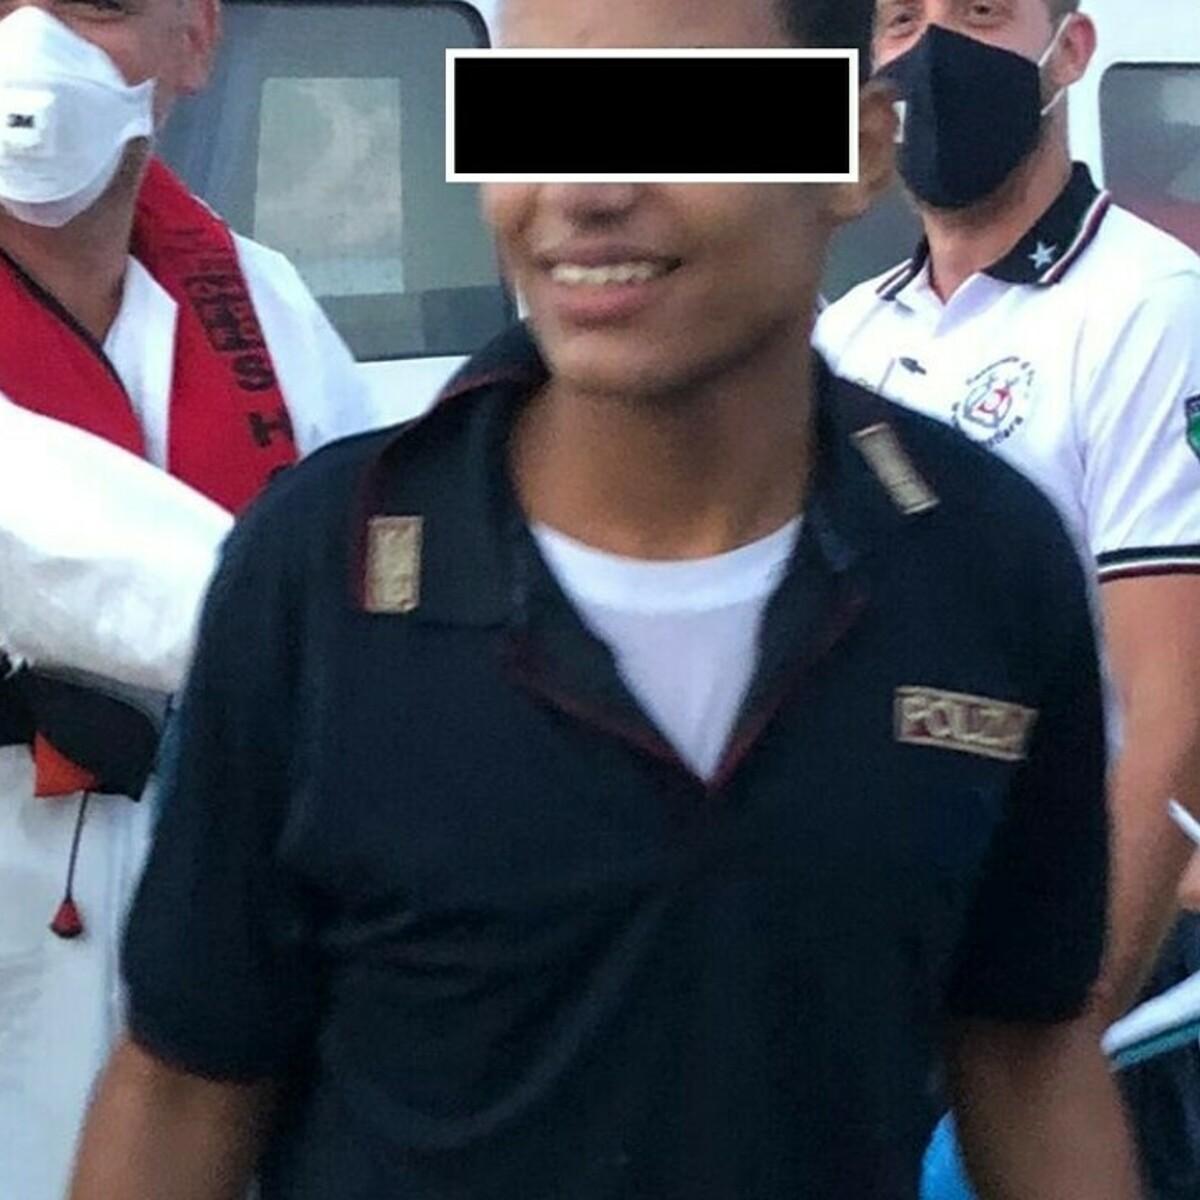 """A 15 anni sbarca a Lampedusa con la maglia della polizia: """"Il mio sogno è diventare un agente"""""""